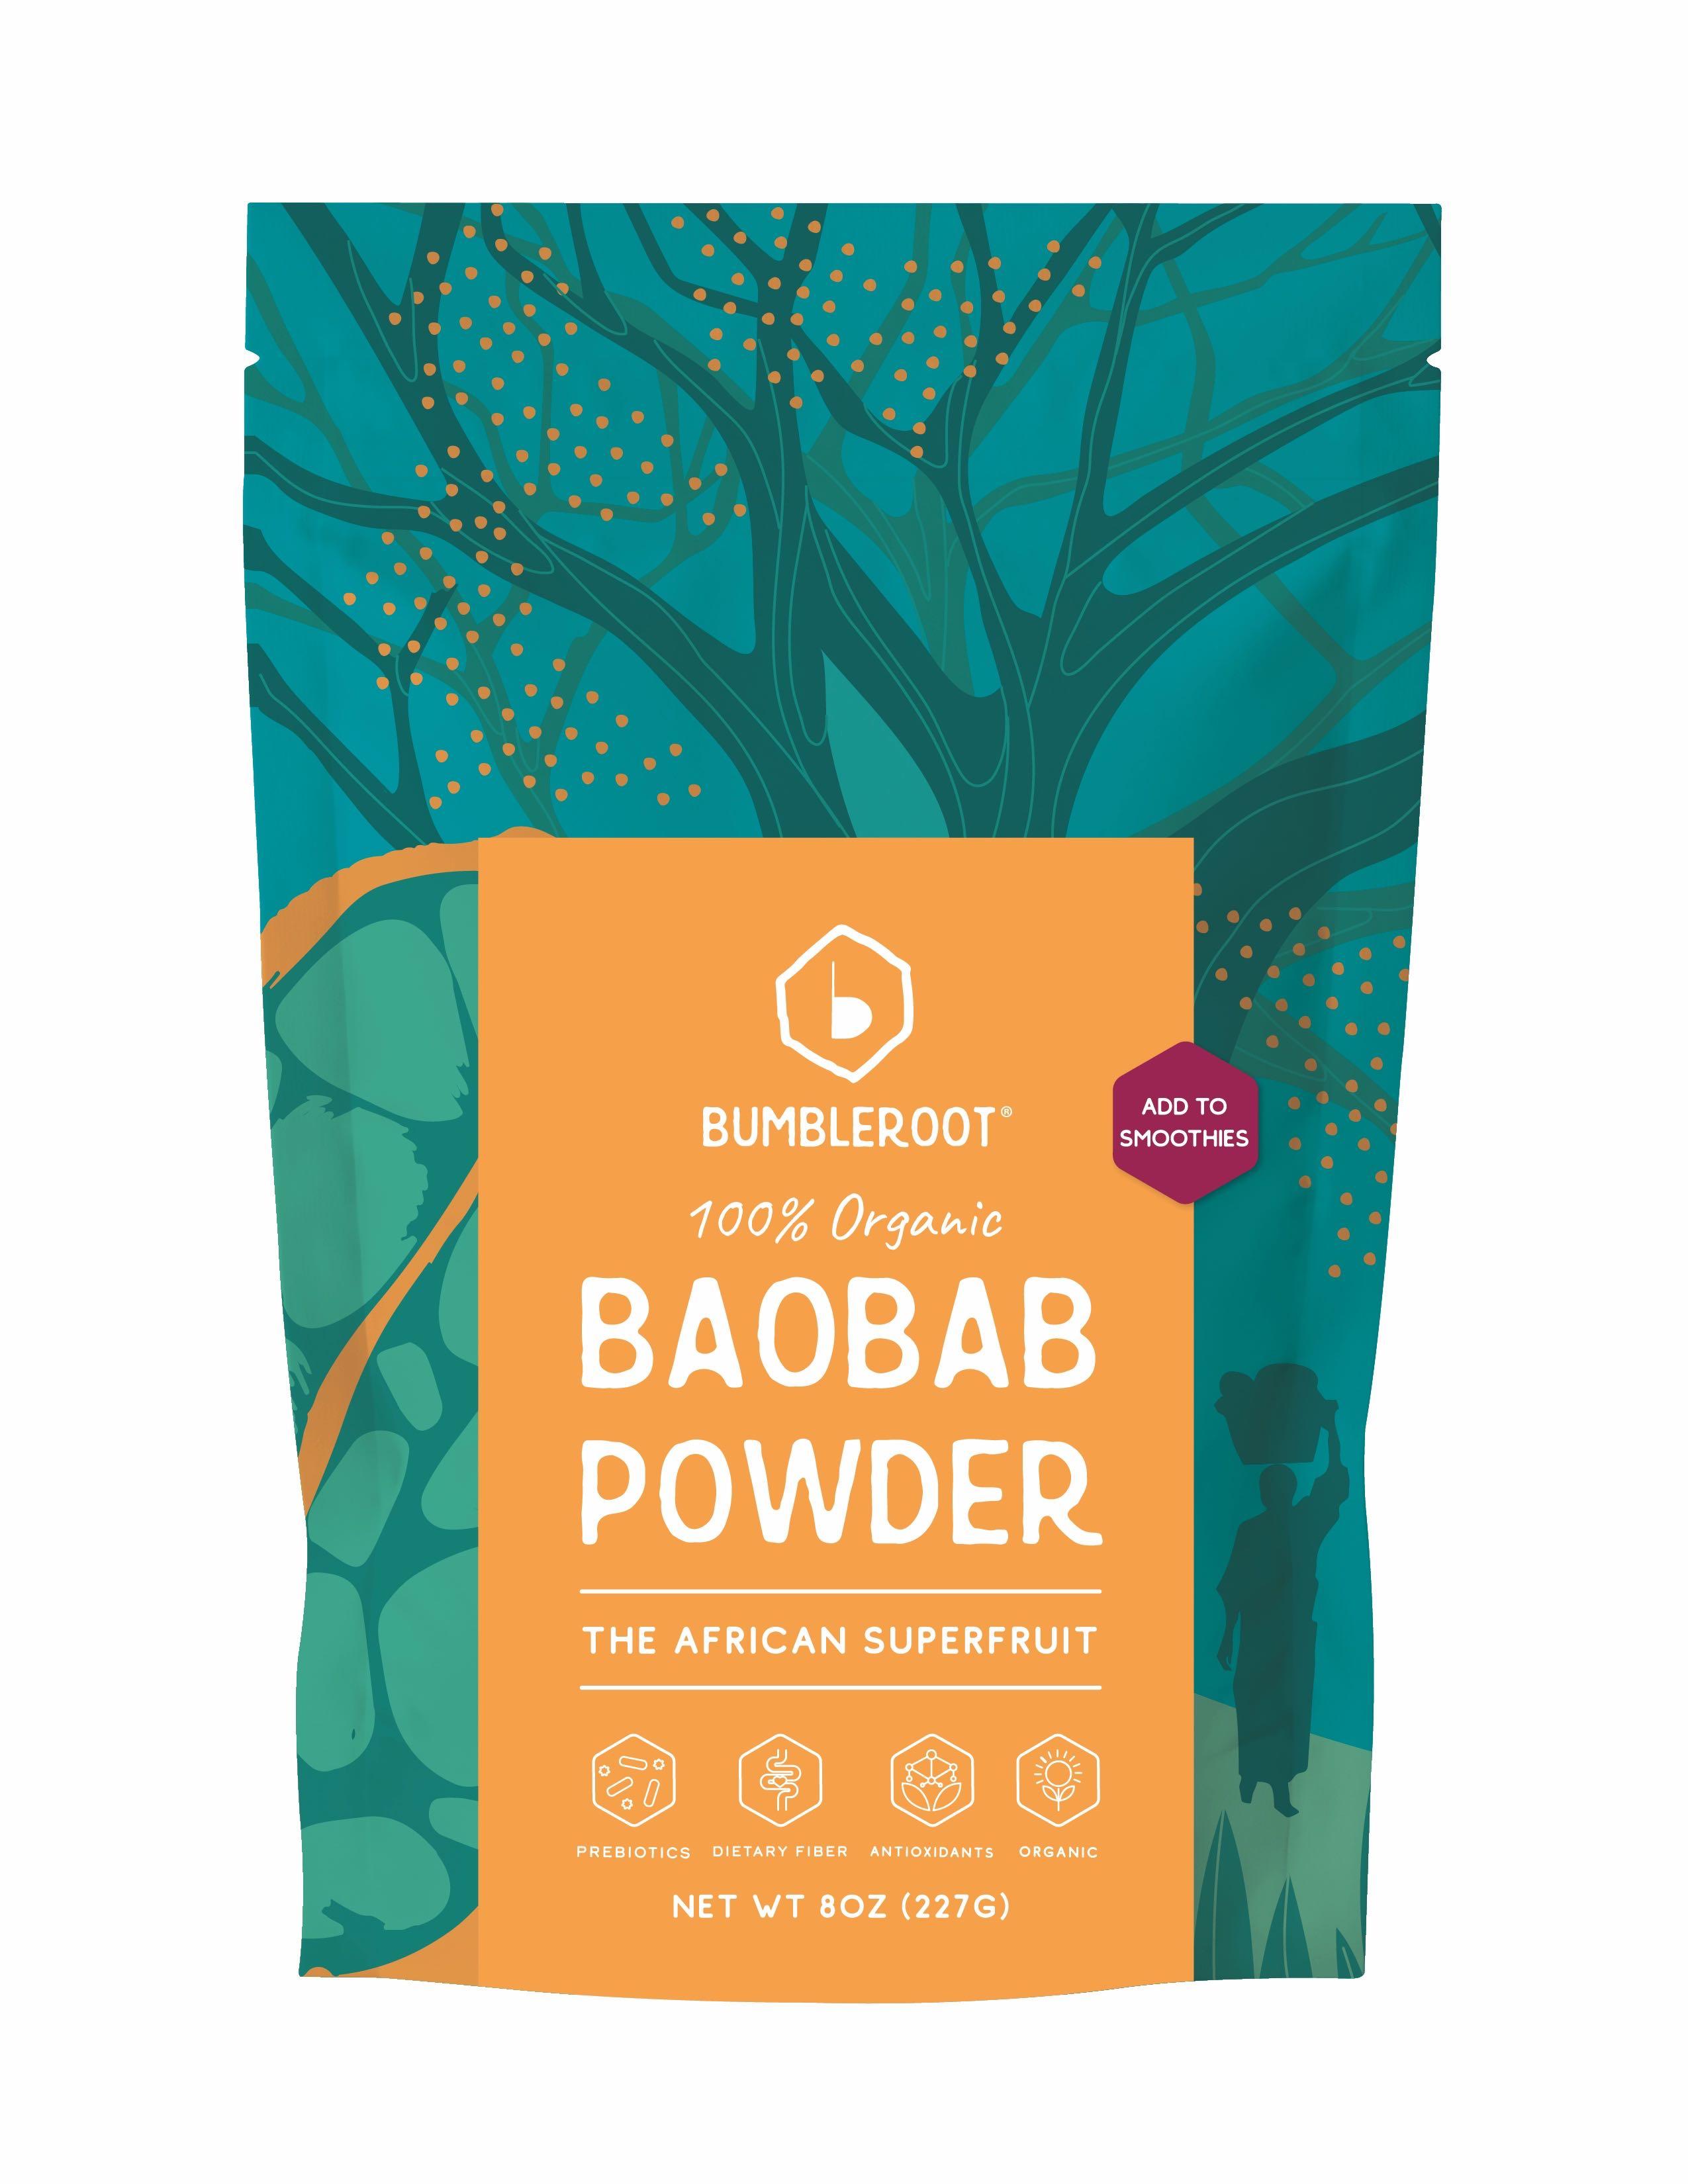 Bumbleroot Organic Baobab Powder